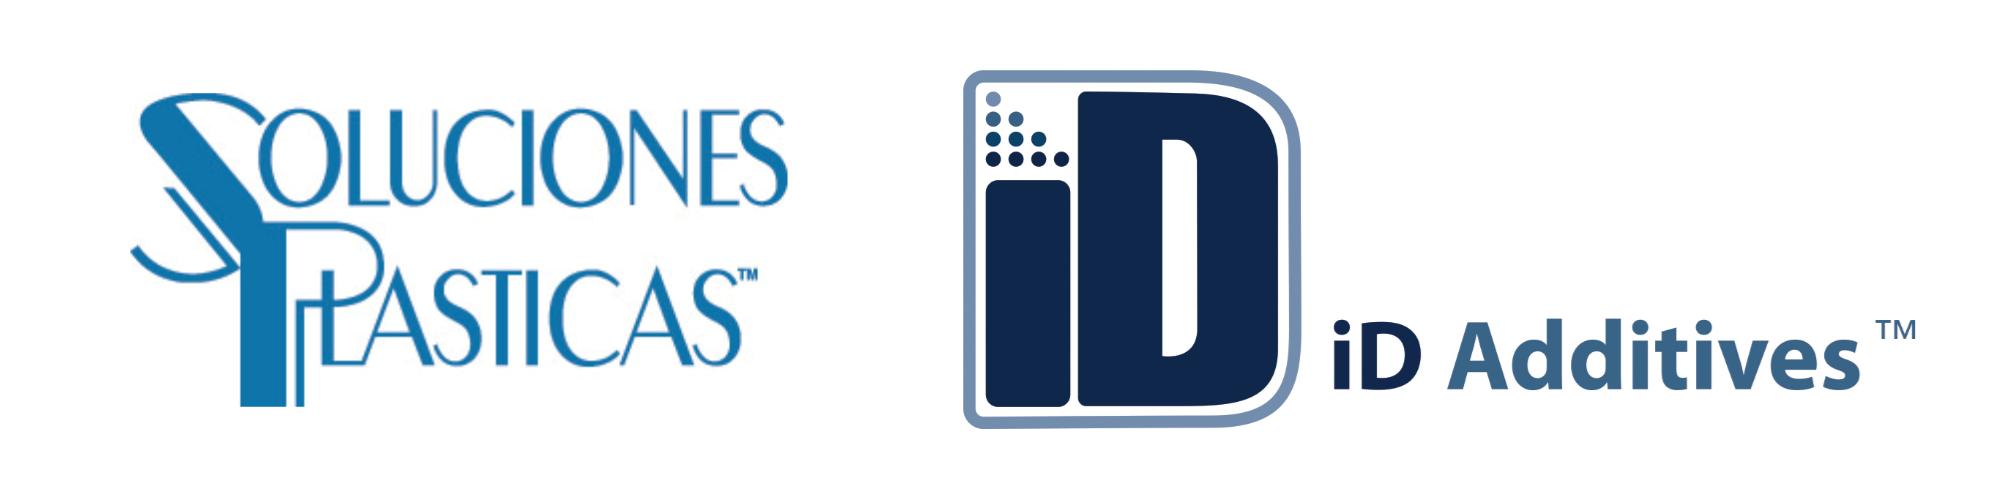 iD Additives elige a Soluciones Plásticas como distribuidor en México y Latinoamérica